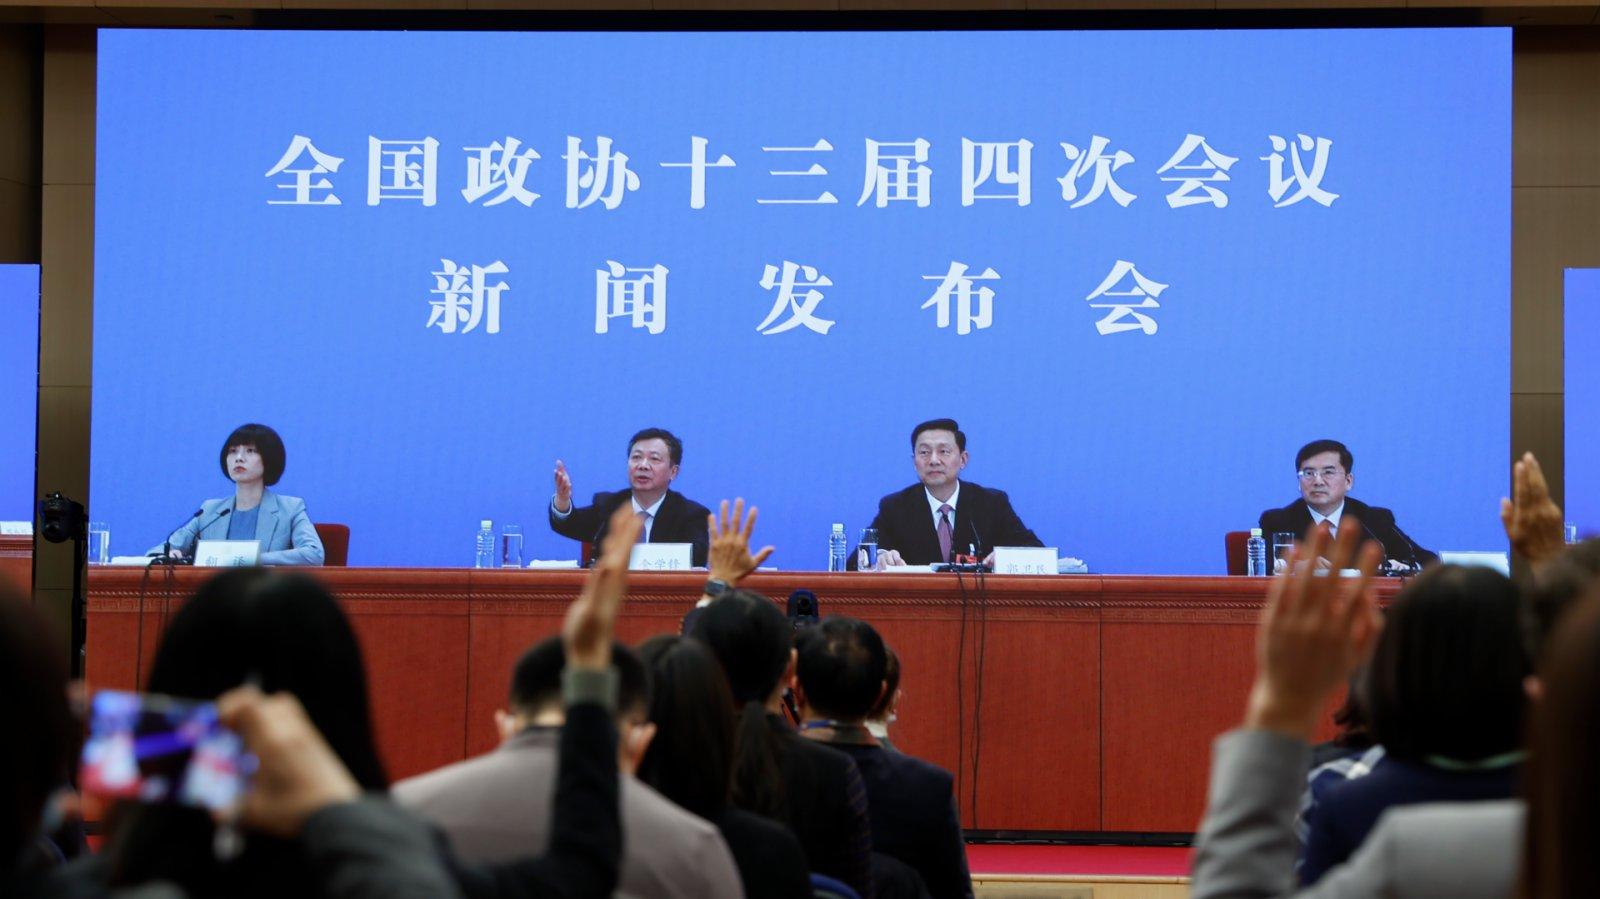 全國政協十三屆四次會議首場新聞發布會舉行(回放)